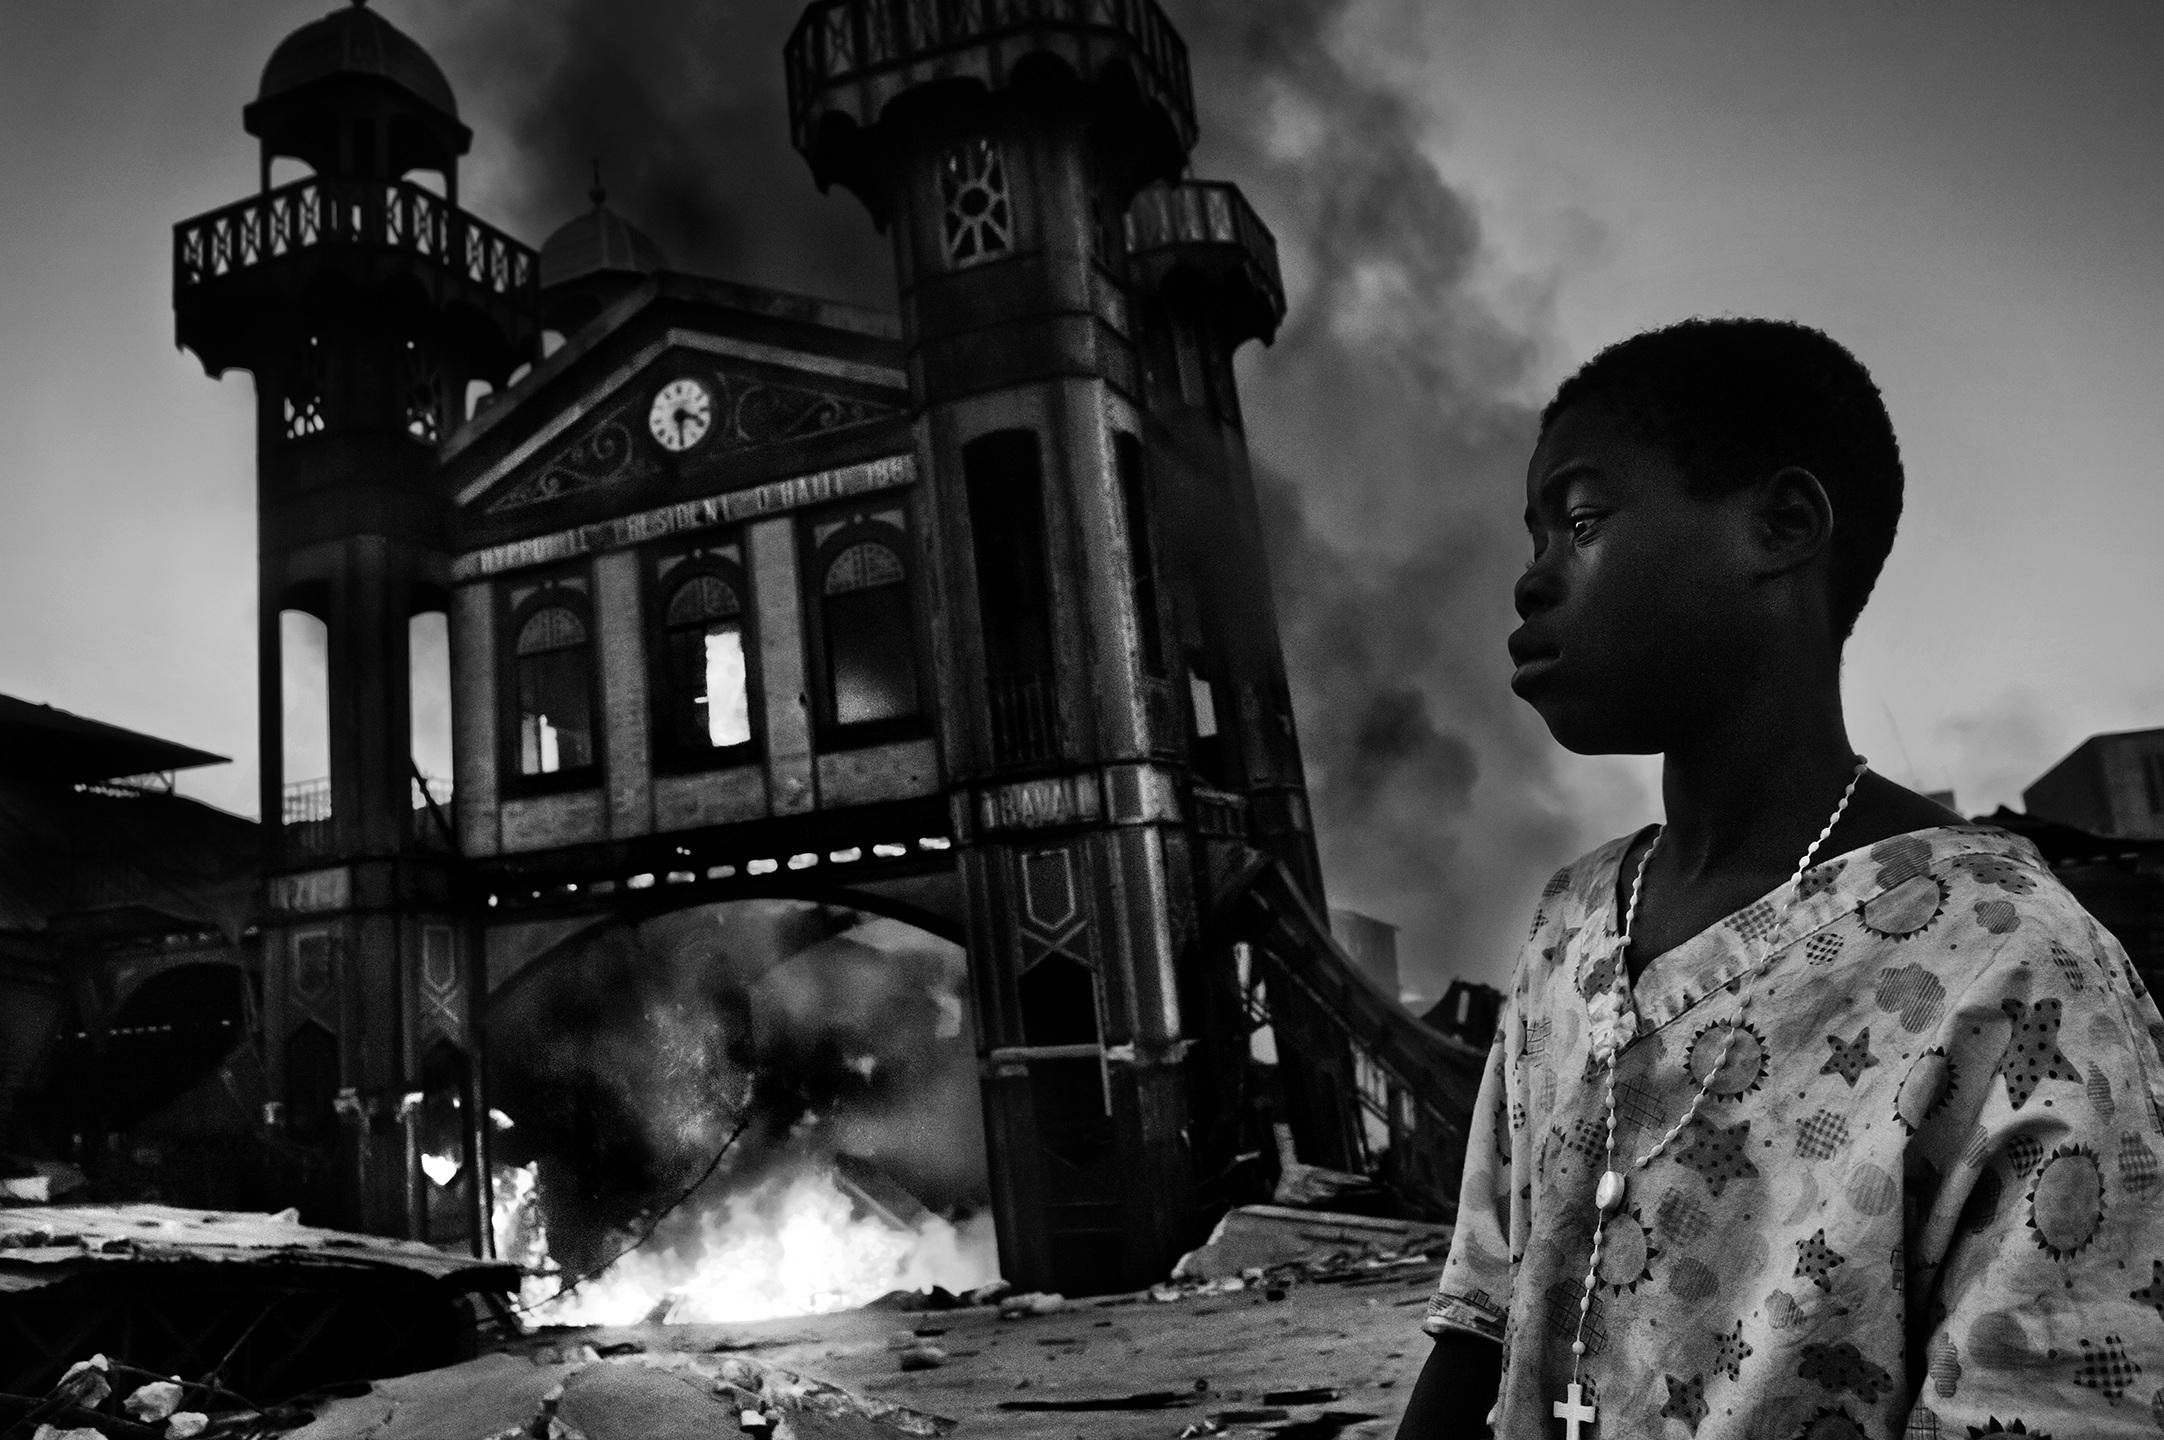 1. nagroda w kategorii Wydarzenia - reportaż: Riccardo Venturi, Włochy, Contrasto, Stary Bazar Żelazny płonie, Port-au-Prince, Haiti, 18 stycznia